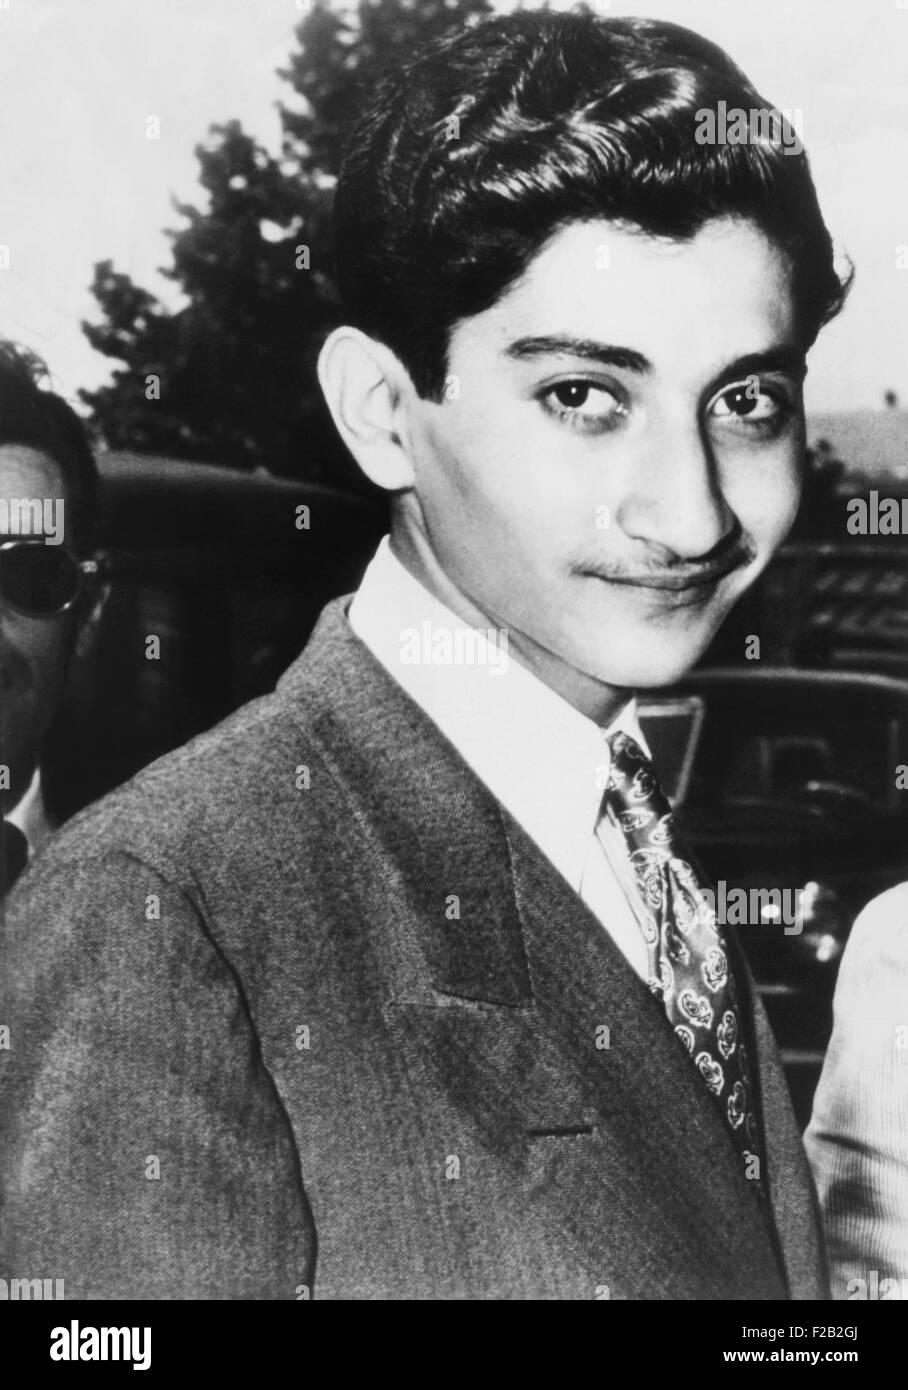 Hamid Riza Pahlavi, de 15 años, hermanastro del Shah de Irán, en Nueva York el 2 de julio de 1947. Él Imagen De Stock